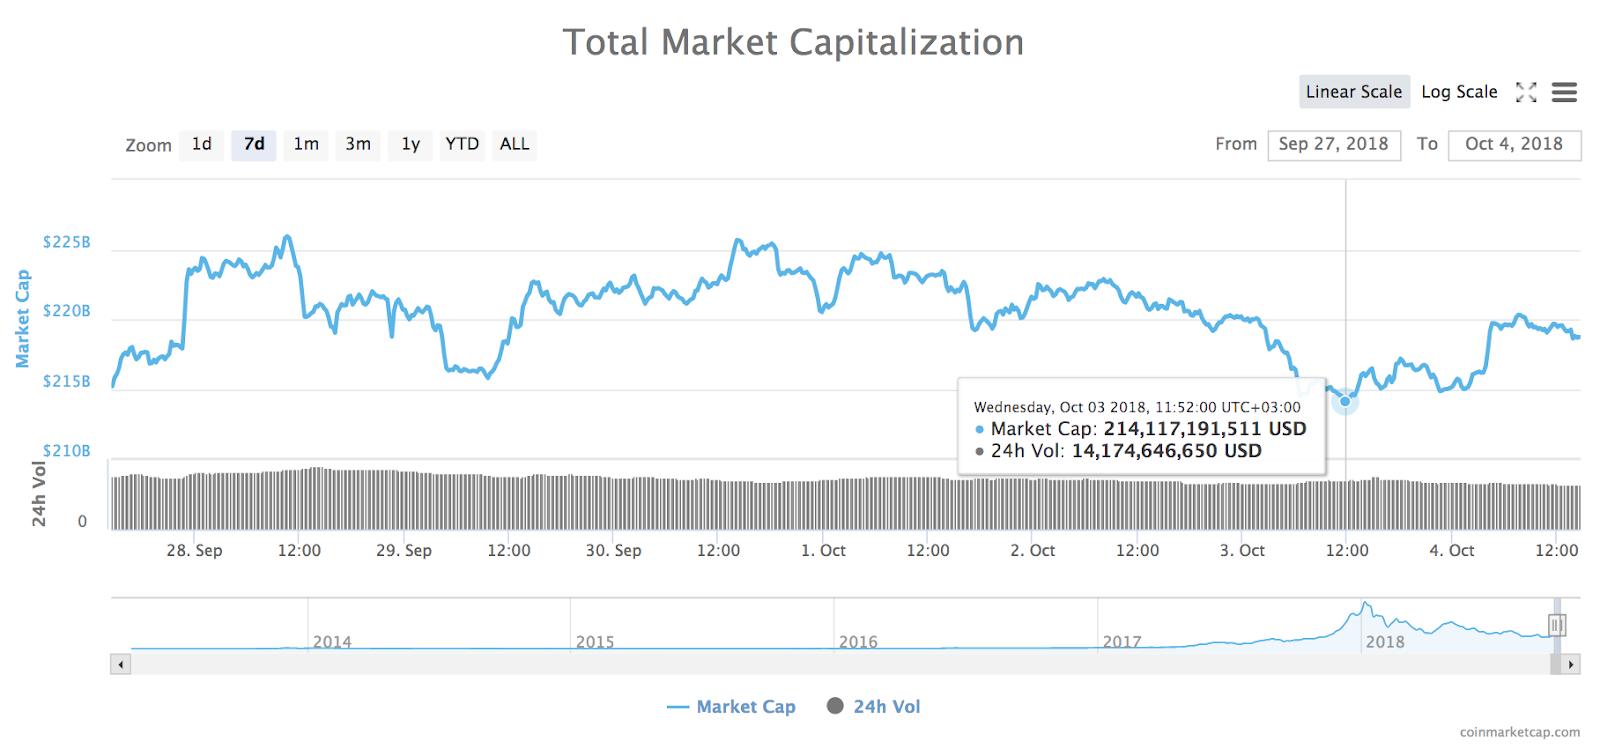 Gráfico de 7 días de la capitalización bursátil total de todas las criptomonedas